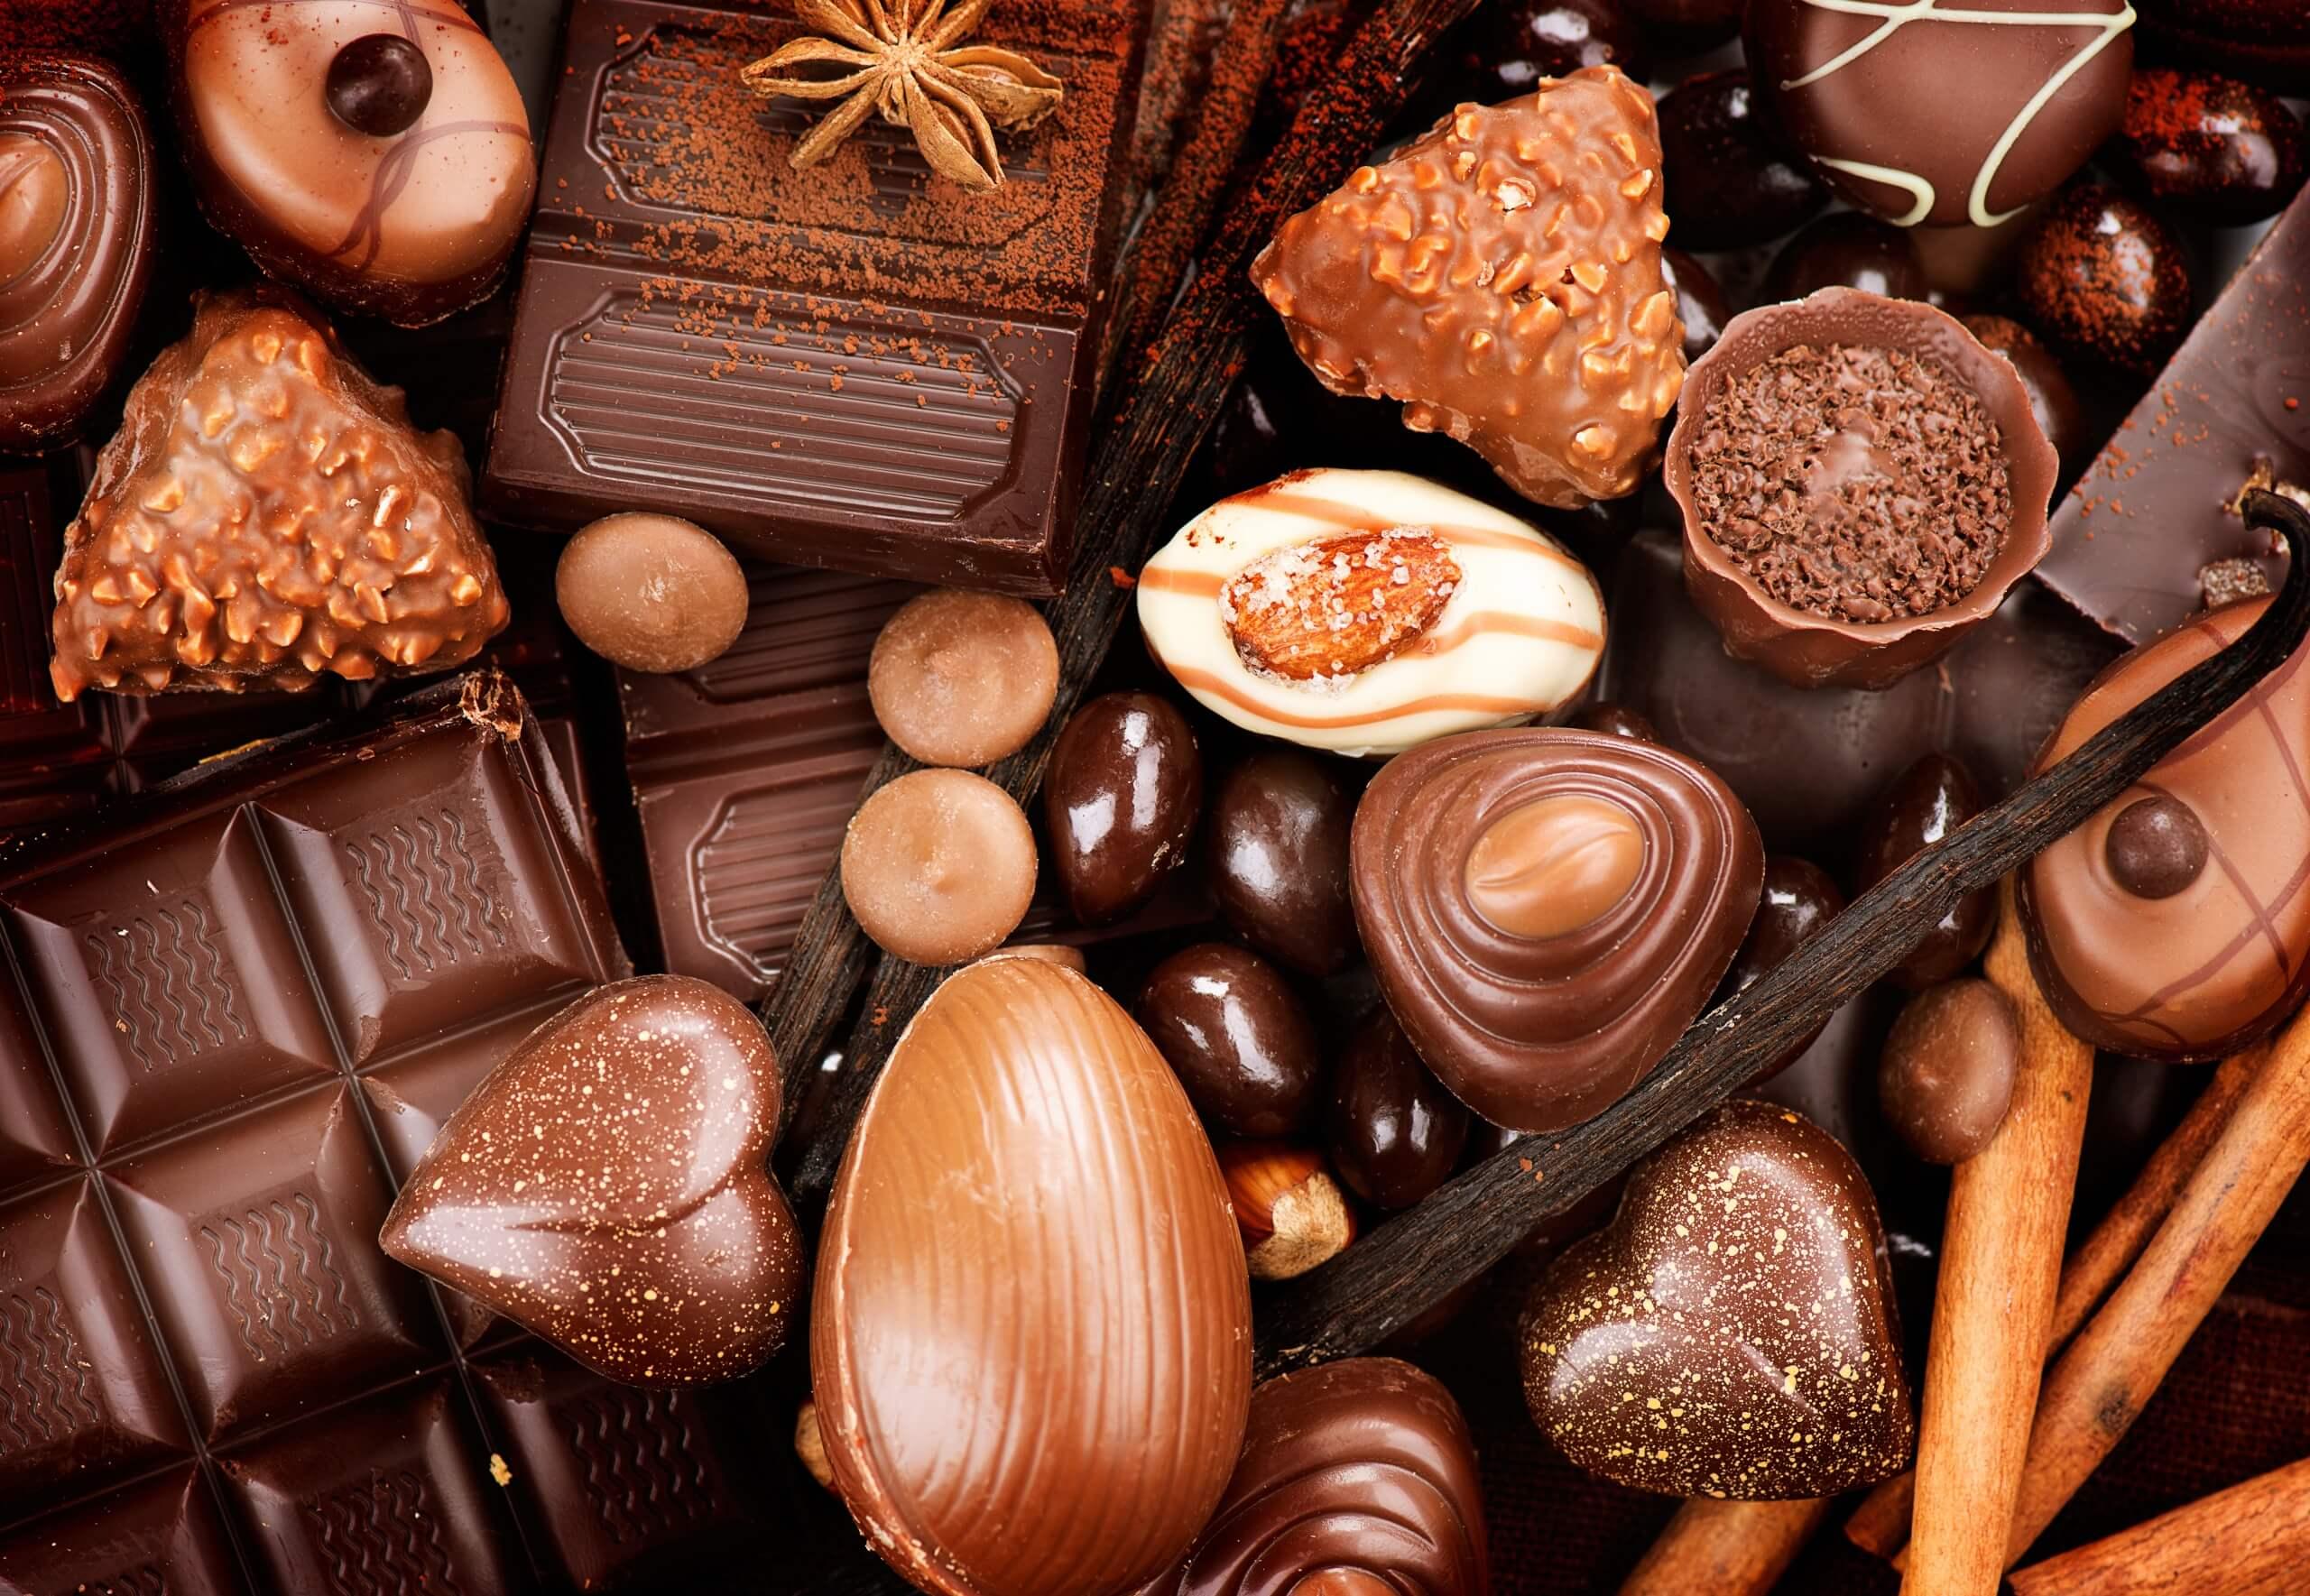 найти картинки про шоколад нашем беспокойном мире